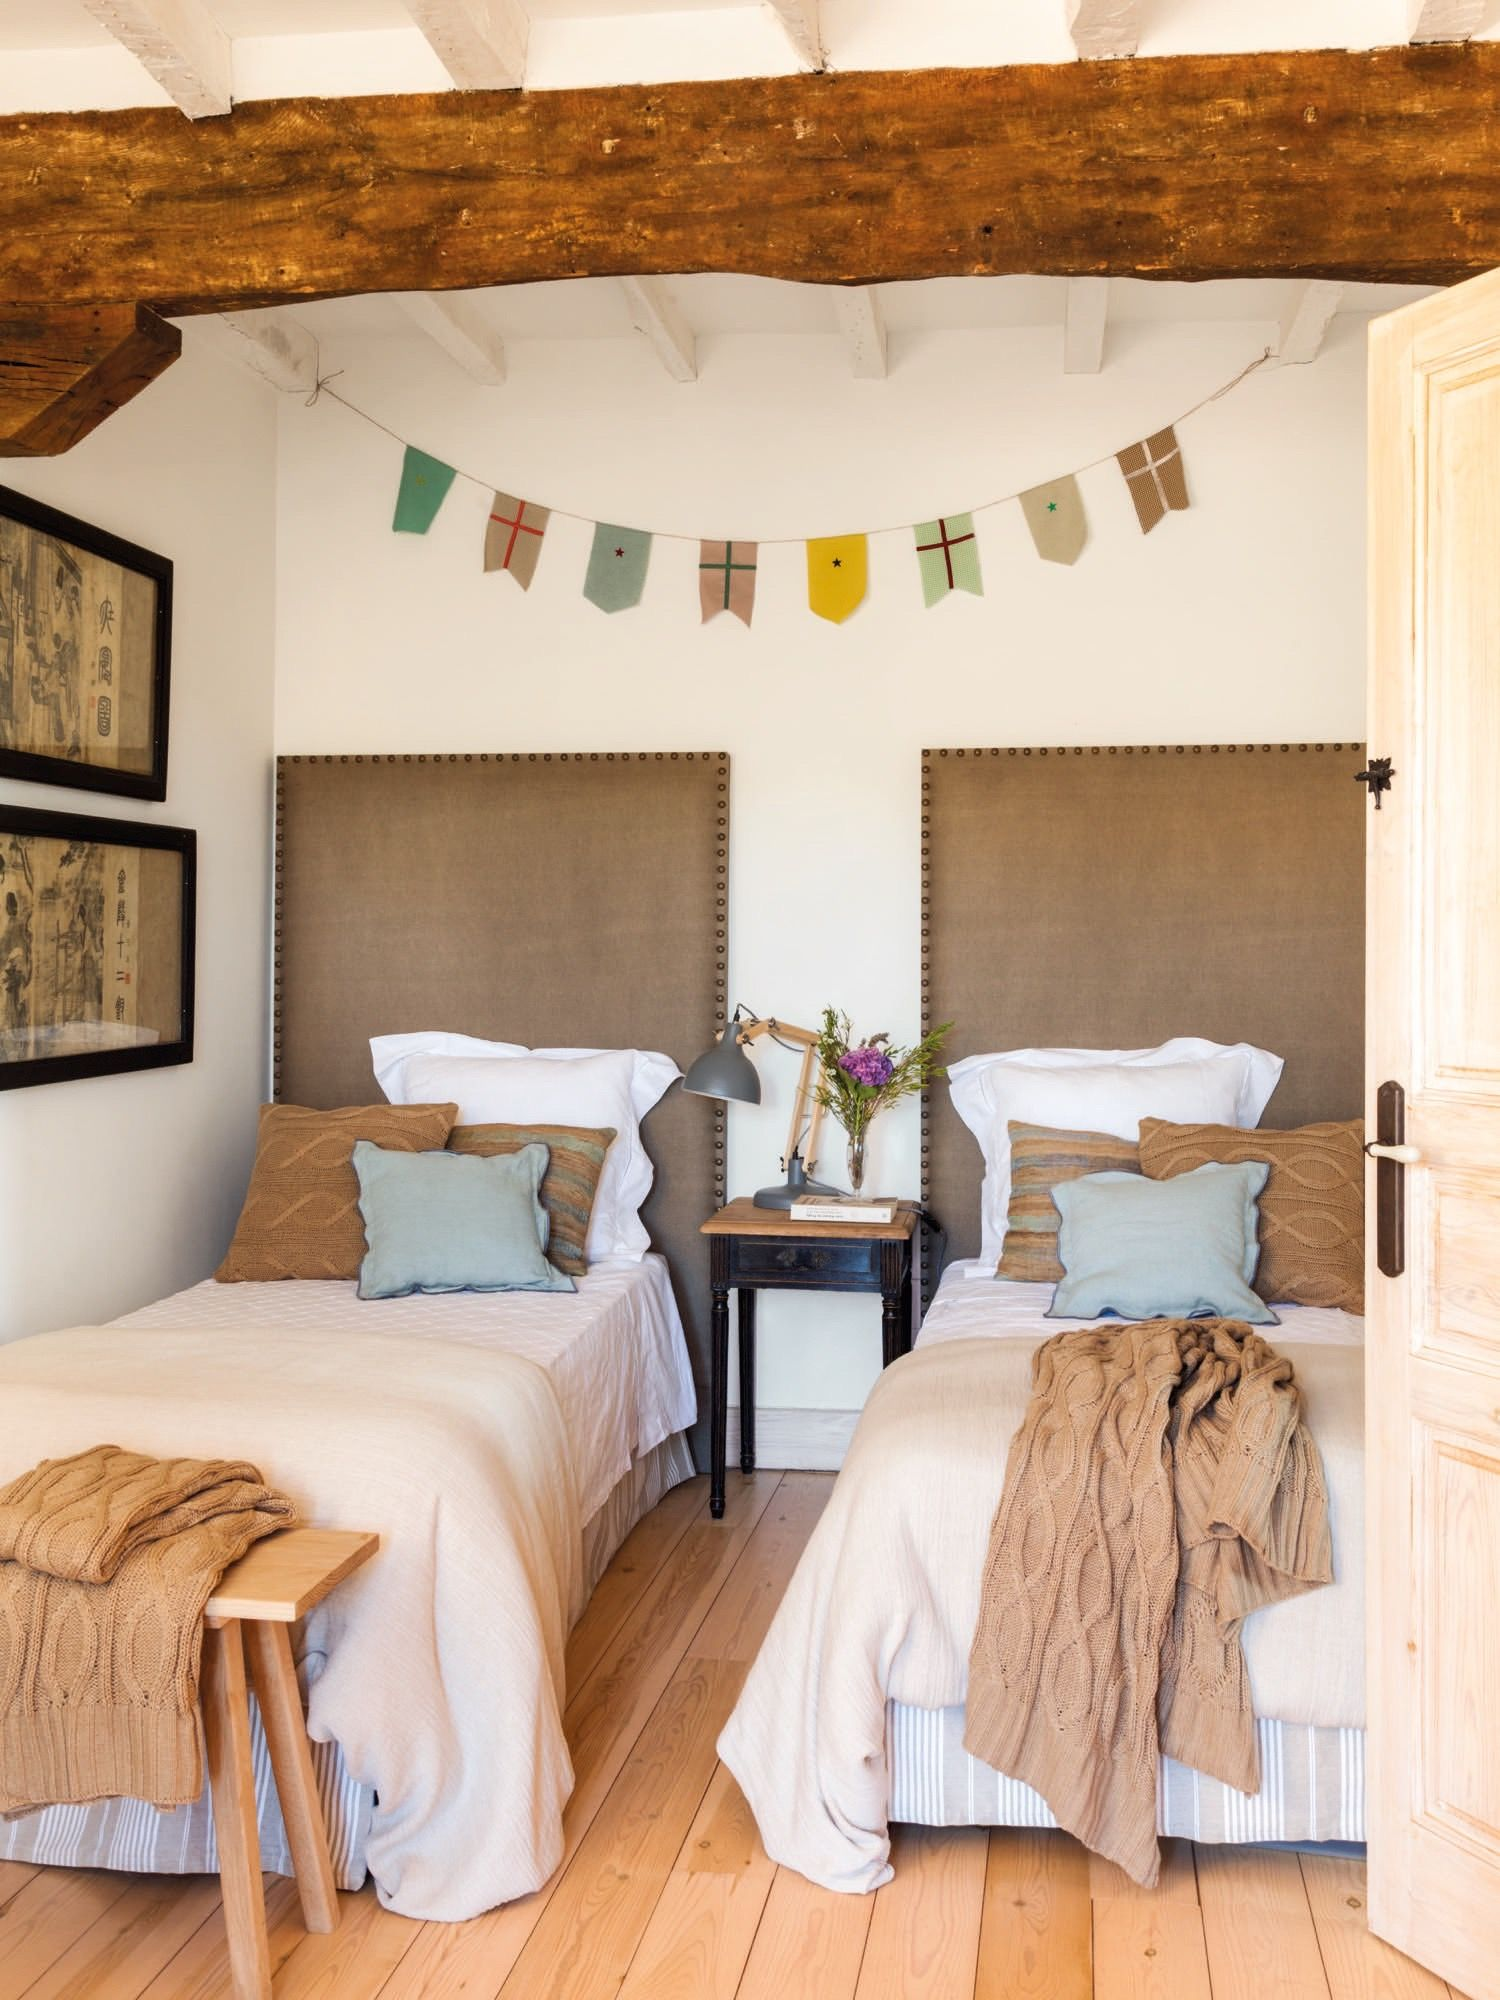 Una casita como la de heidi dormitorios en 2019 - Casa rural de madera ...